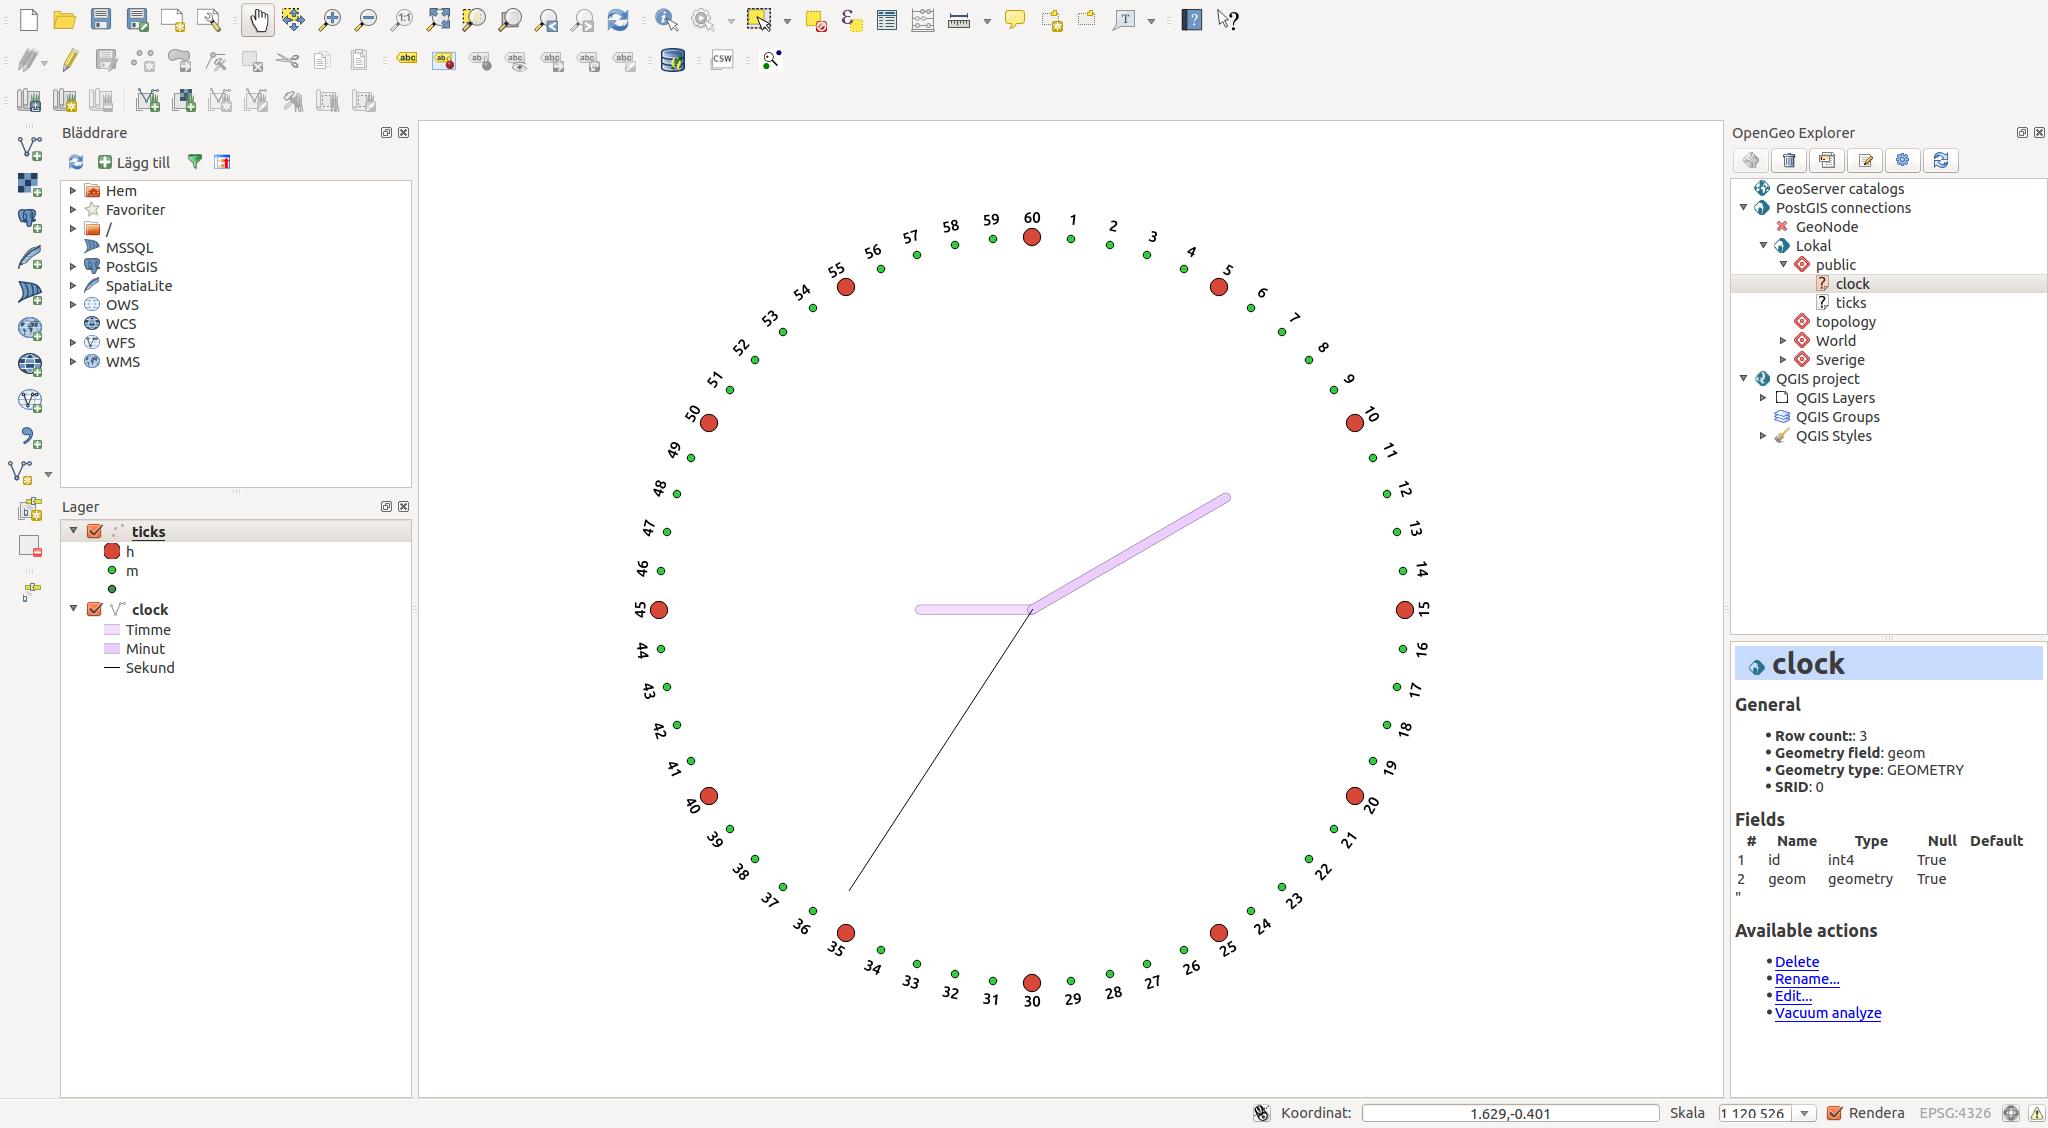 Screenshot from 2014-10-26 09:26:50